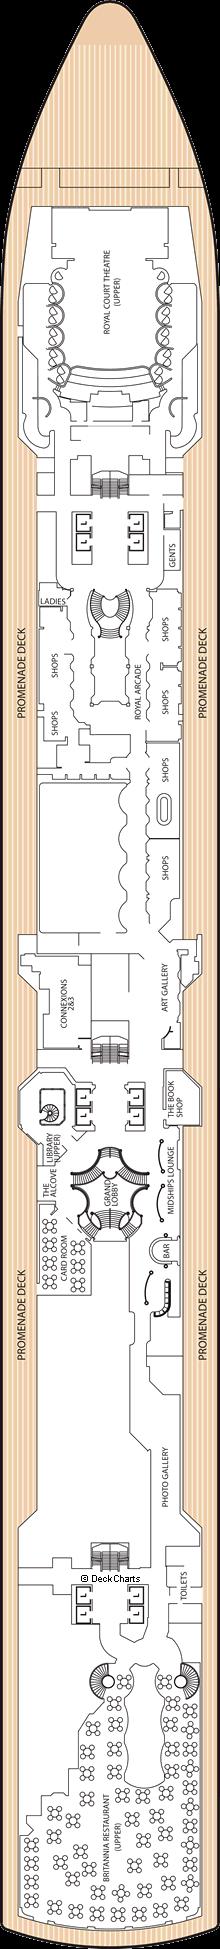 Queen Victoria: Deck 3